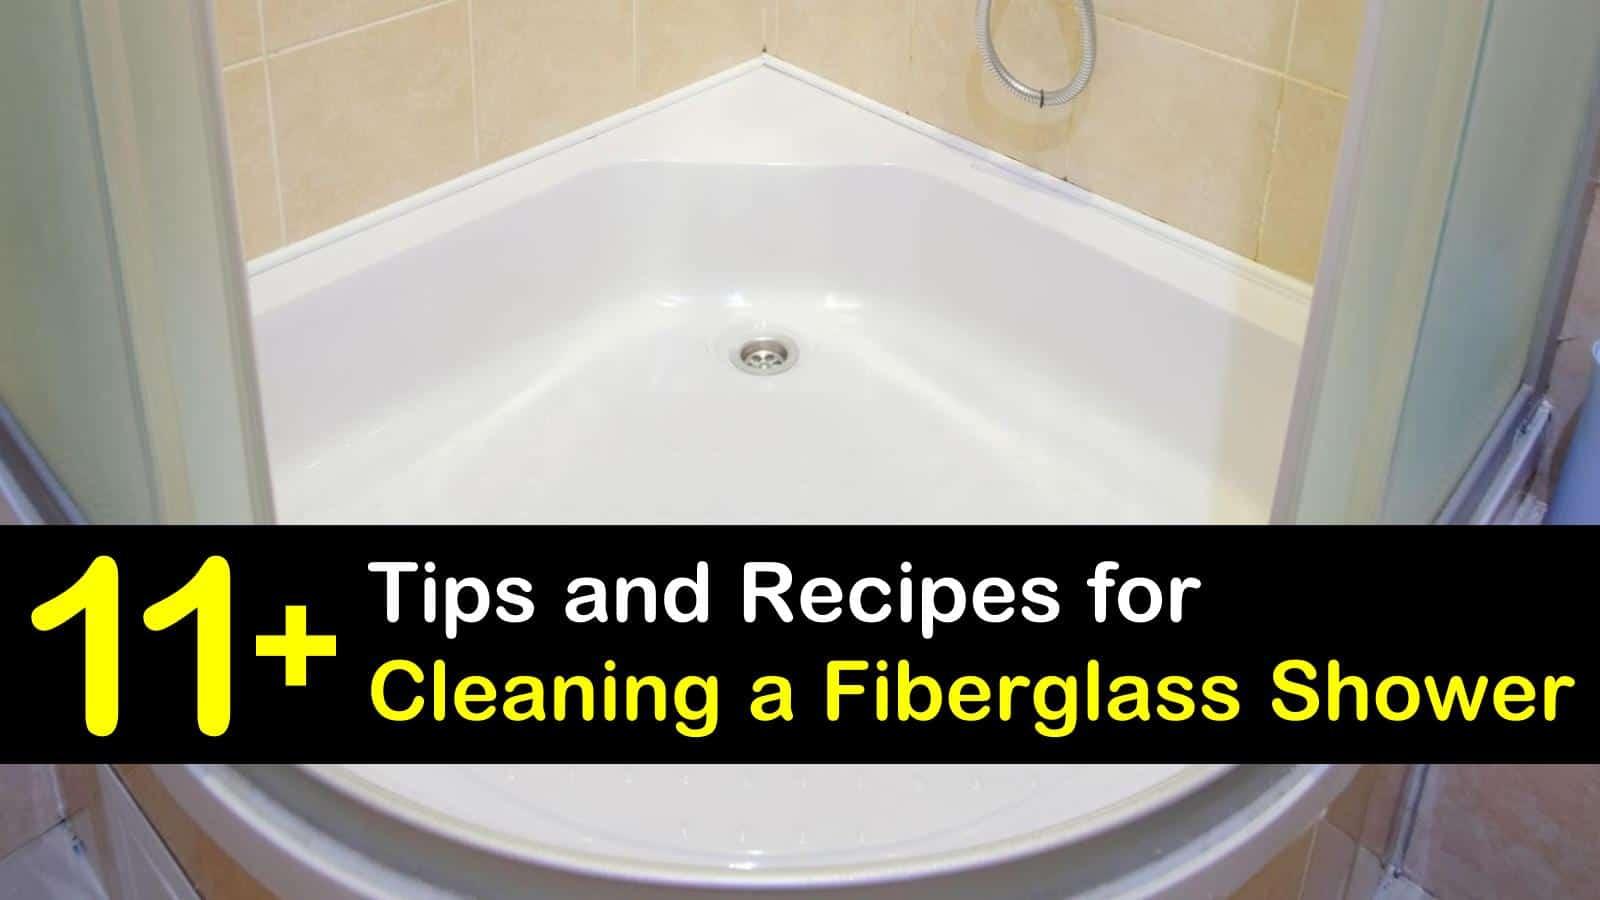 how to clean a fiberglass shower titleimg1